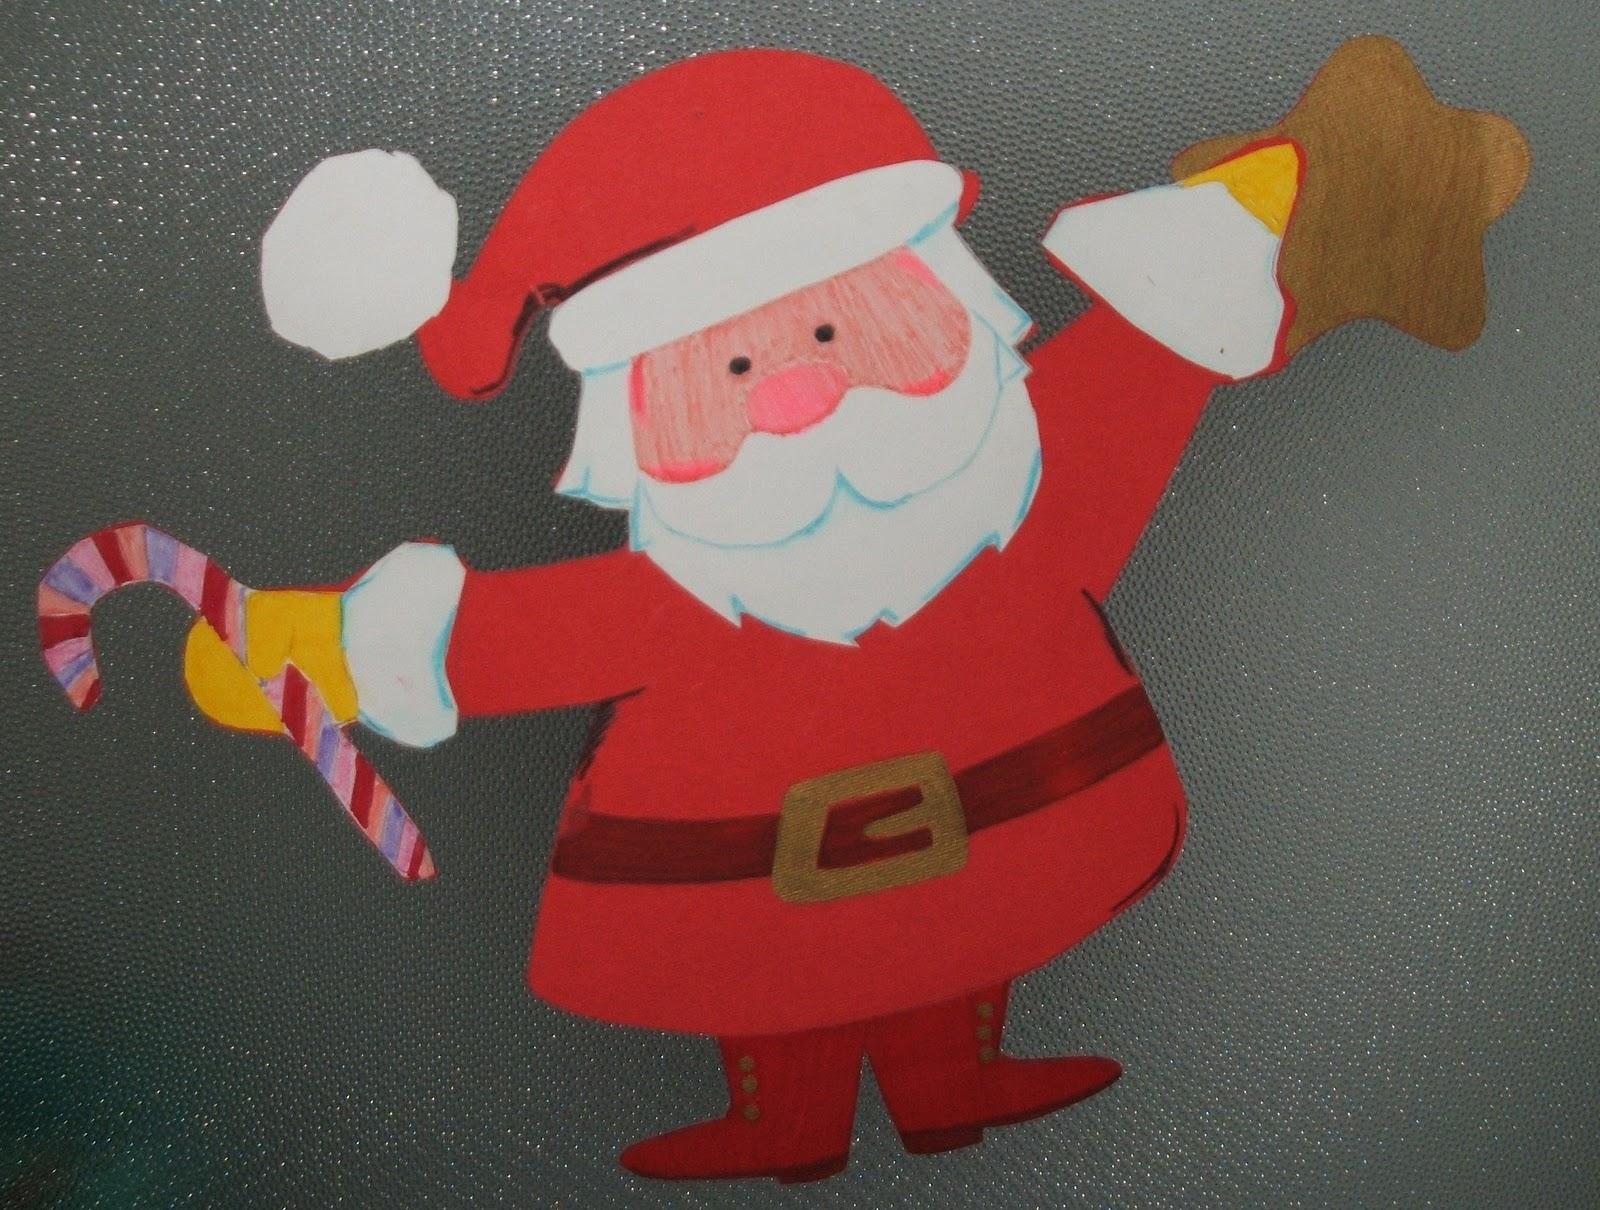 Roba da pat zy decorazioni natalizie al via for Decorazioni natalizie personalizzate